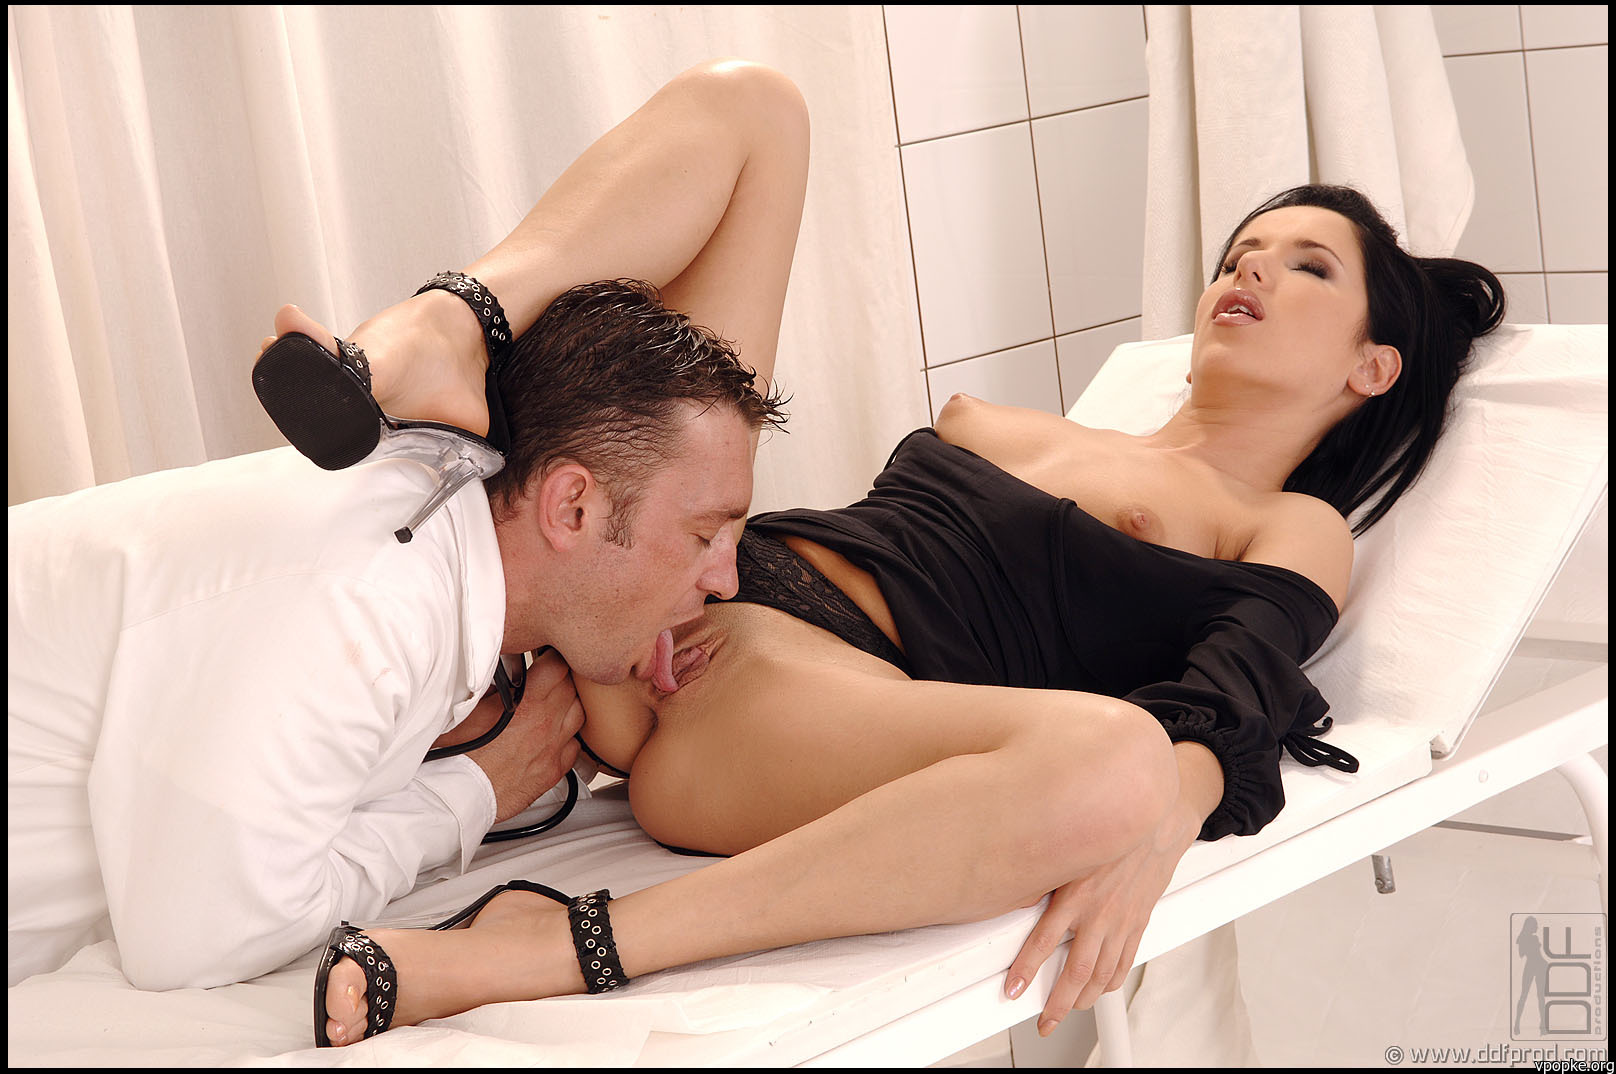 Секс как лечение, Лечение сексом Журнал Здоровье 25 фотография